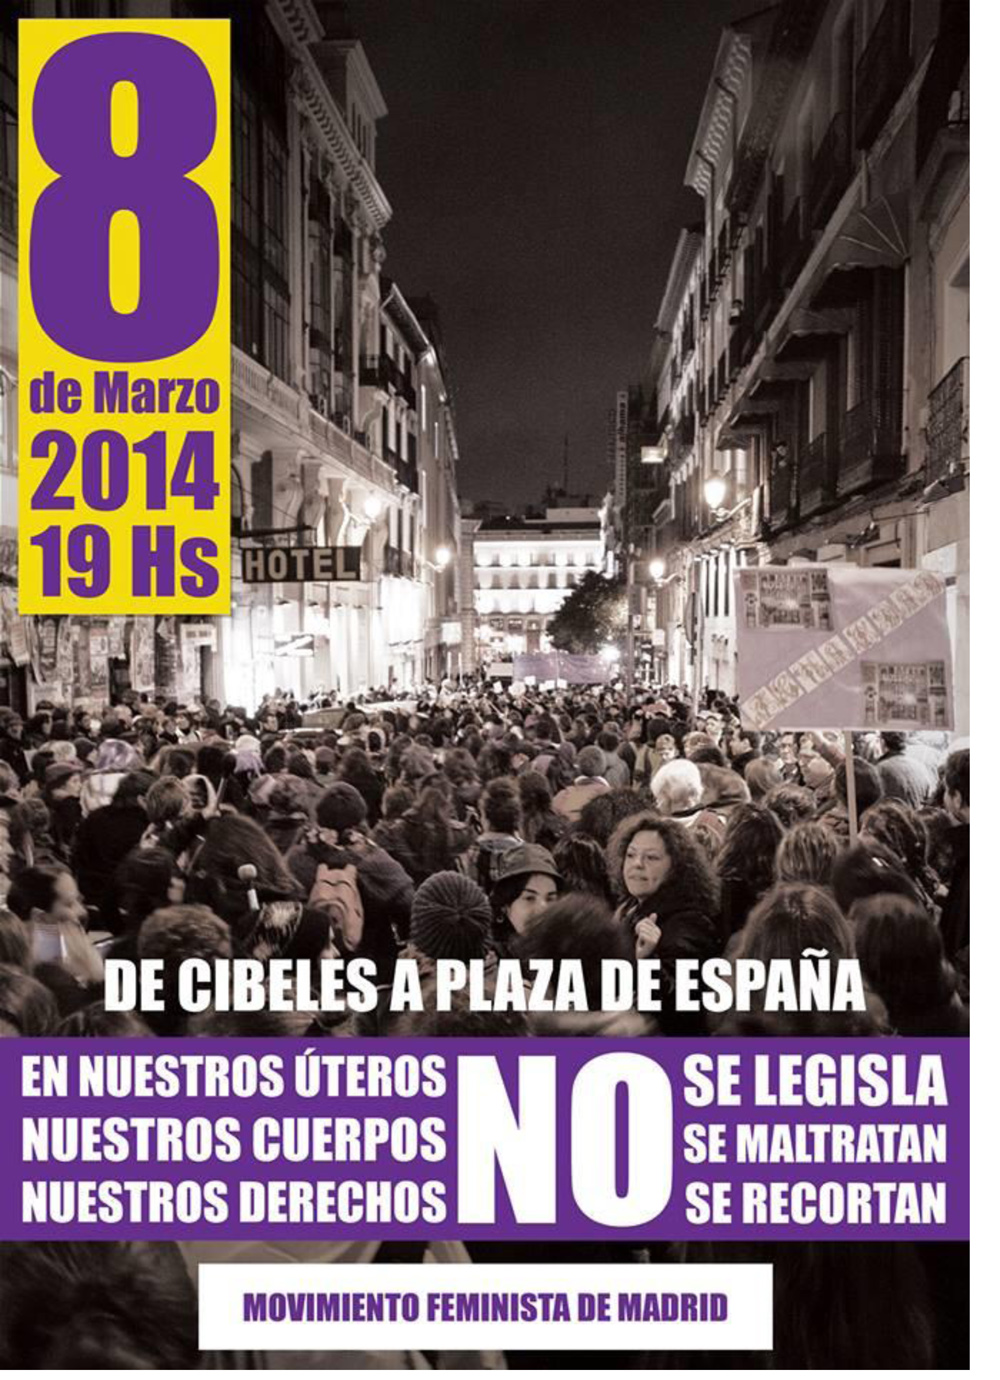 Cartel manifestación 8 de marzo